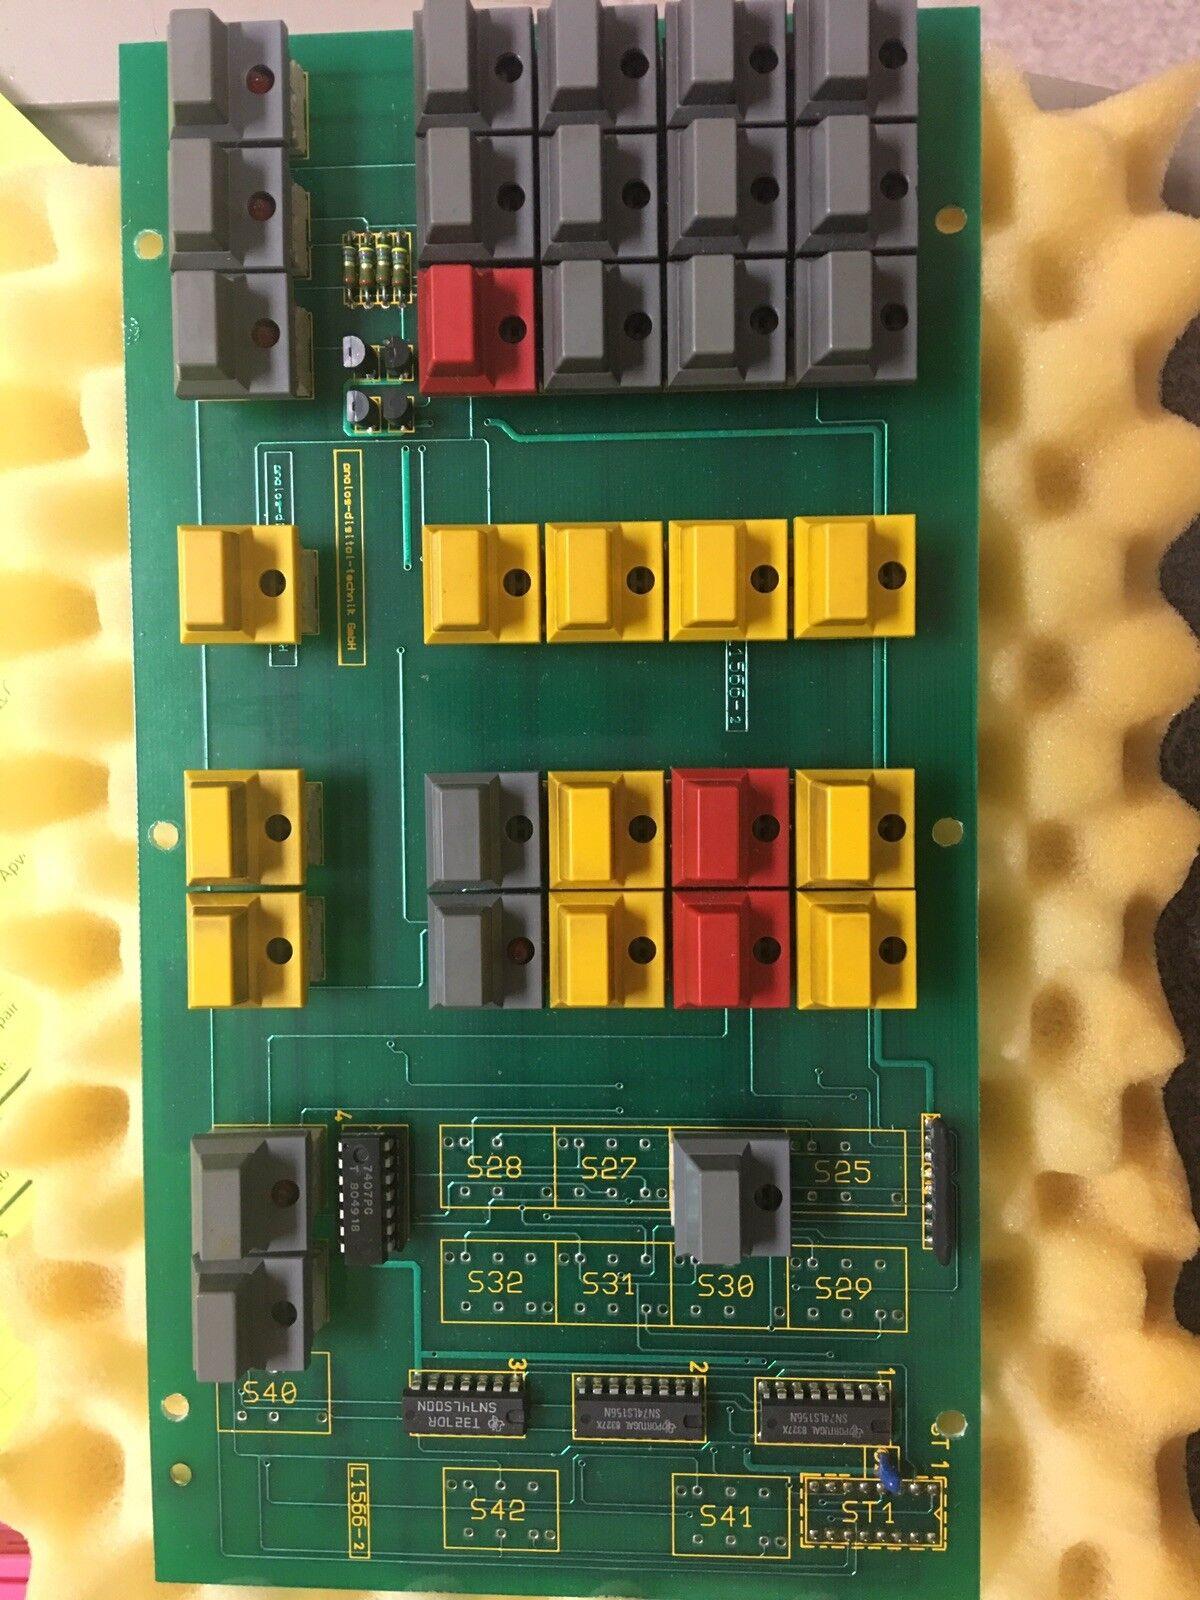 MAN Roland Tastenkarte MCS2, L1556-2,ID 5013214